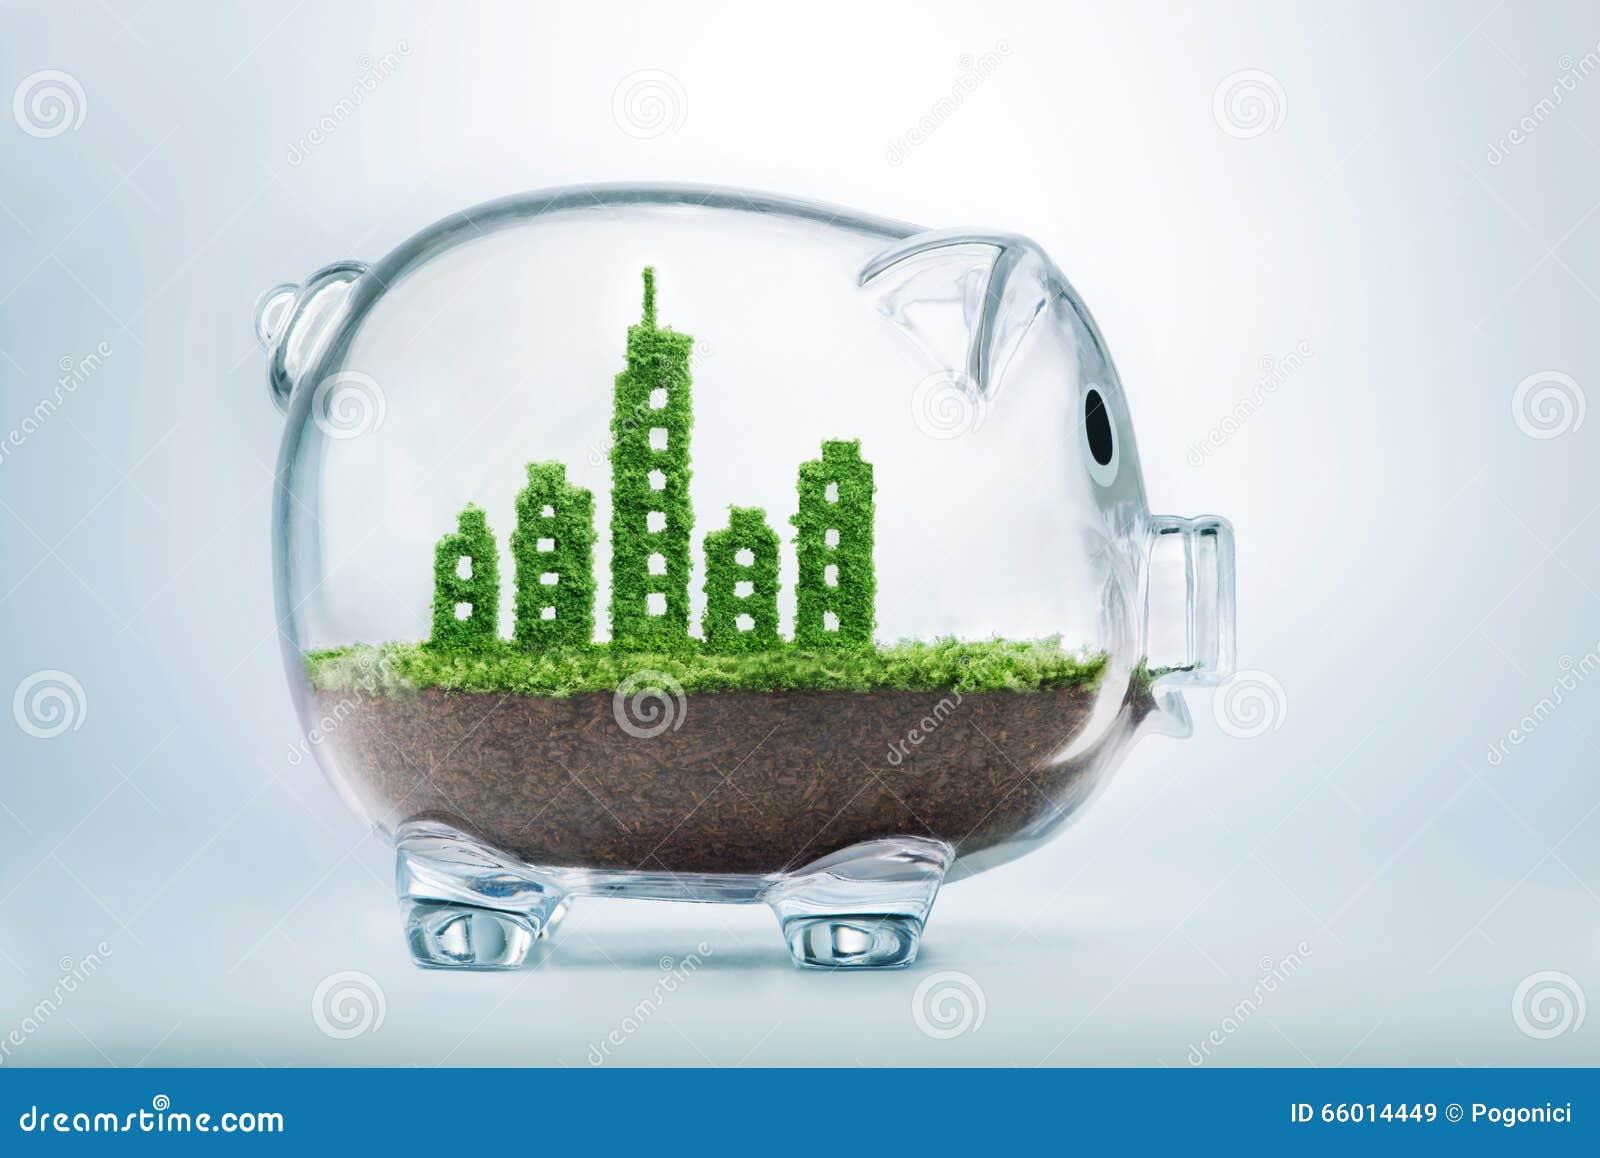 Développement urbain viable